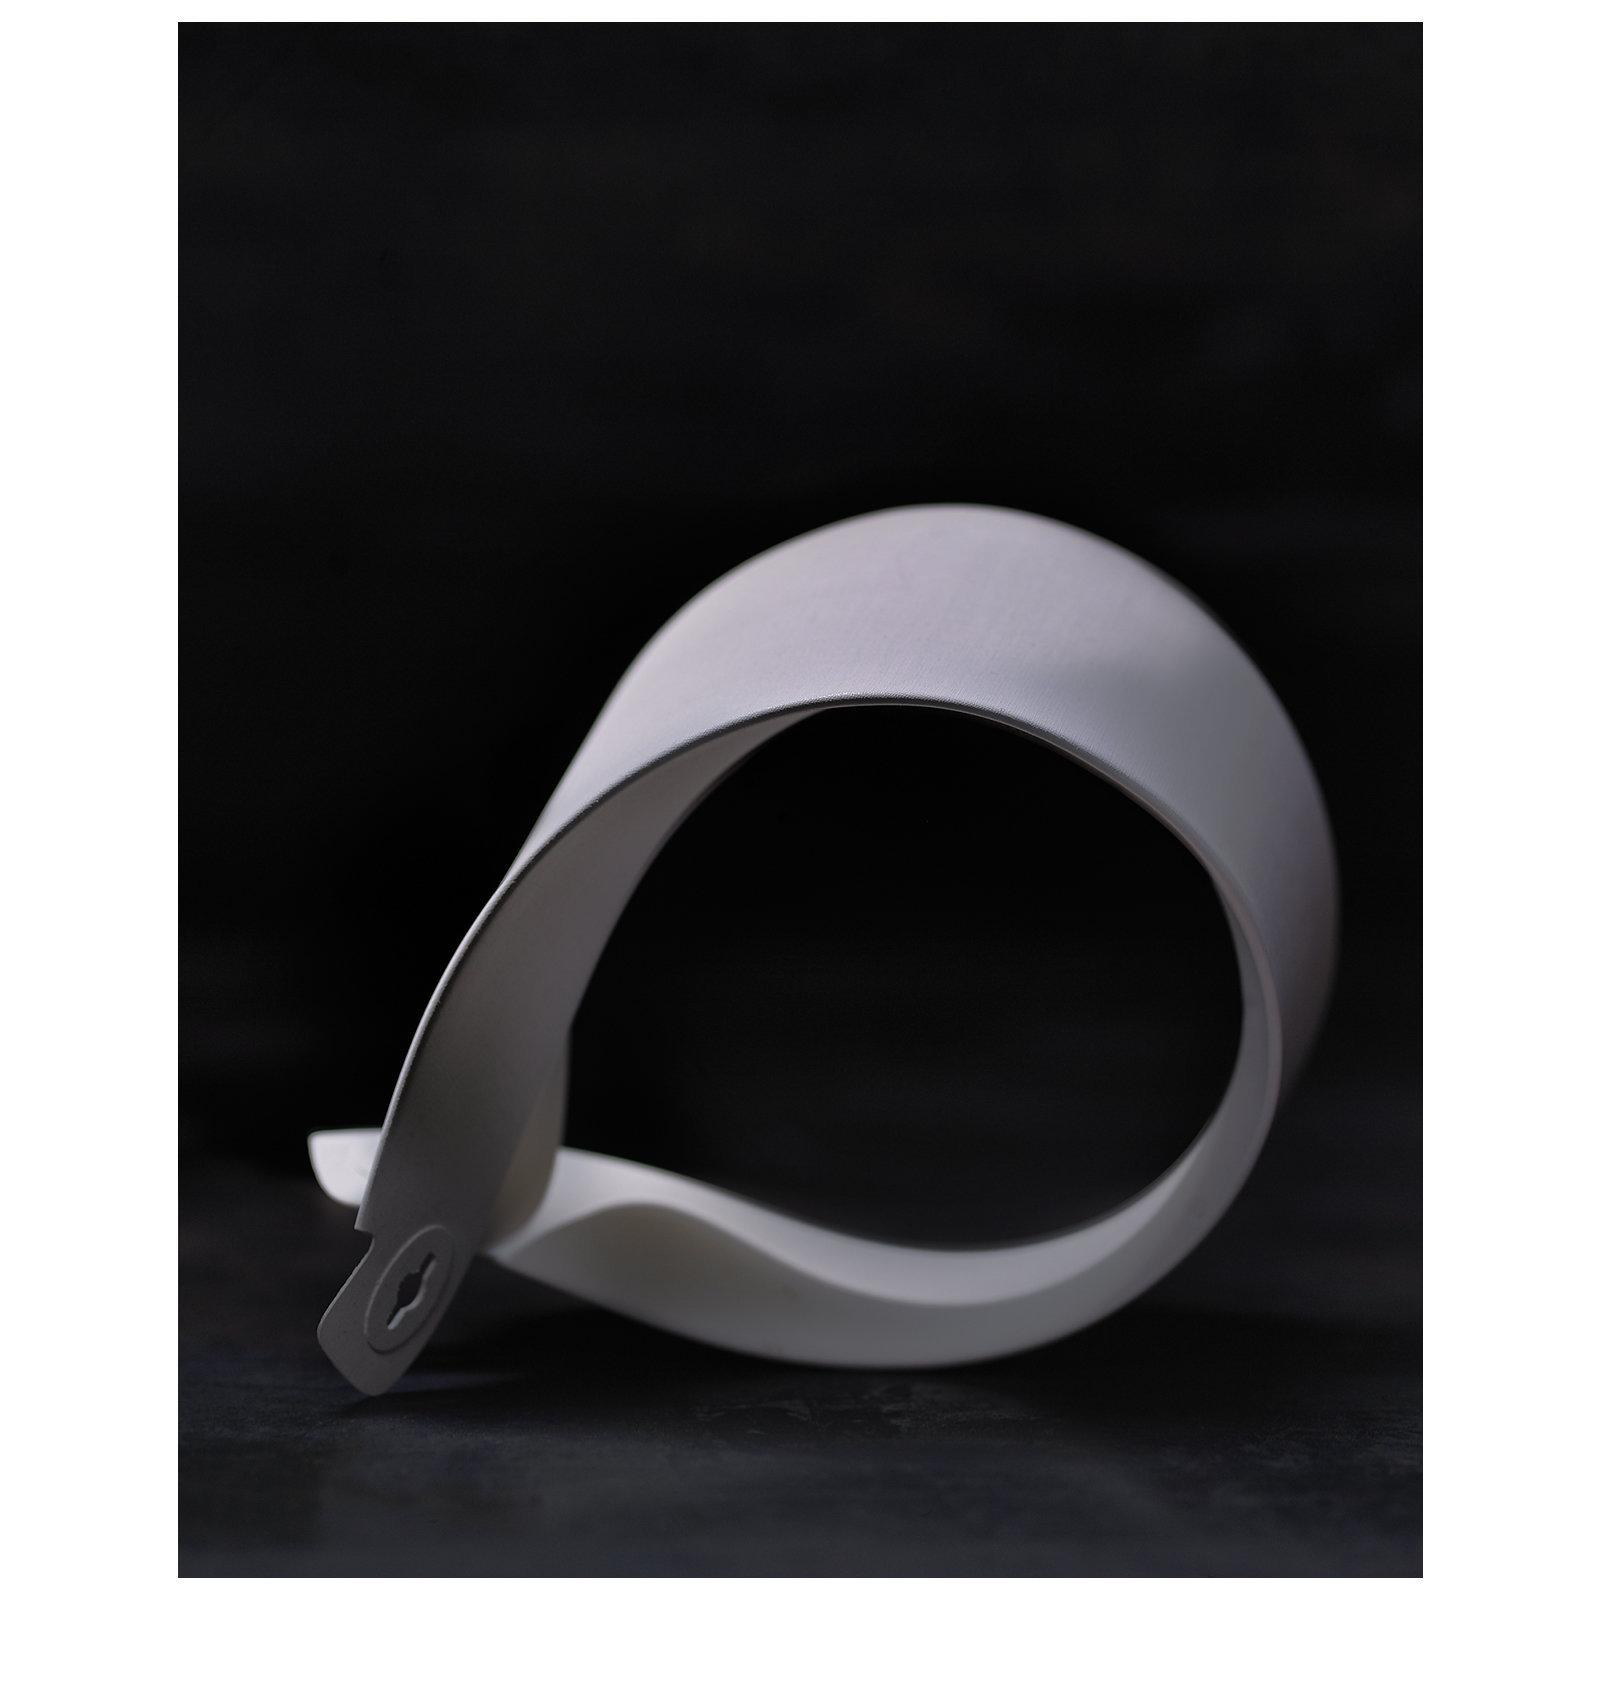 06_Collar A LR 1556.jpg